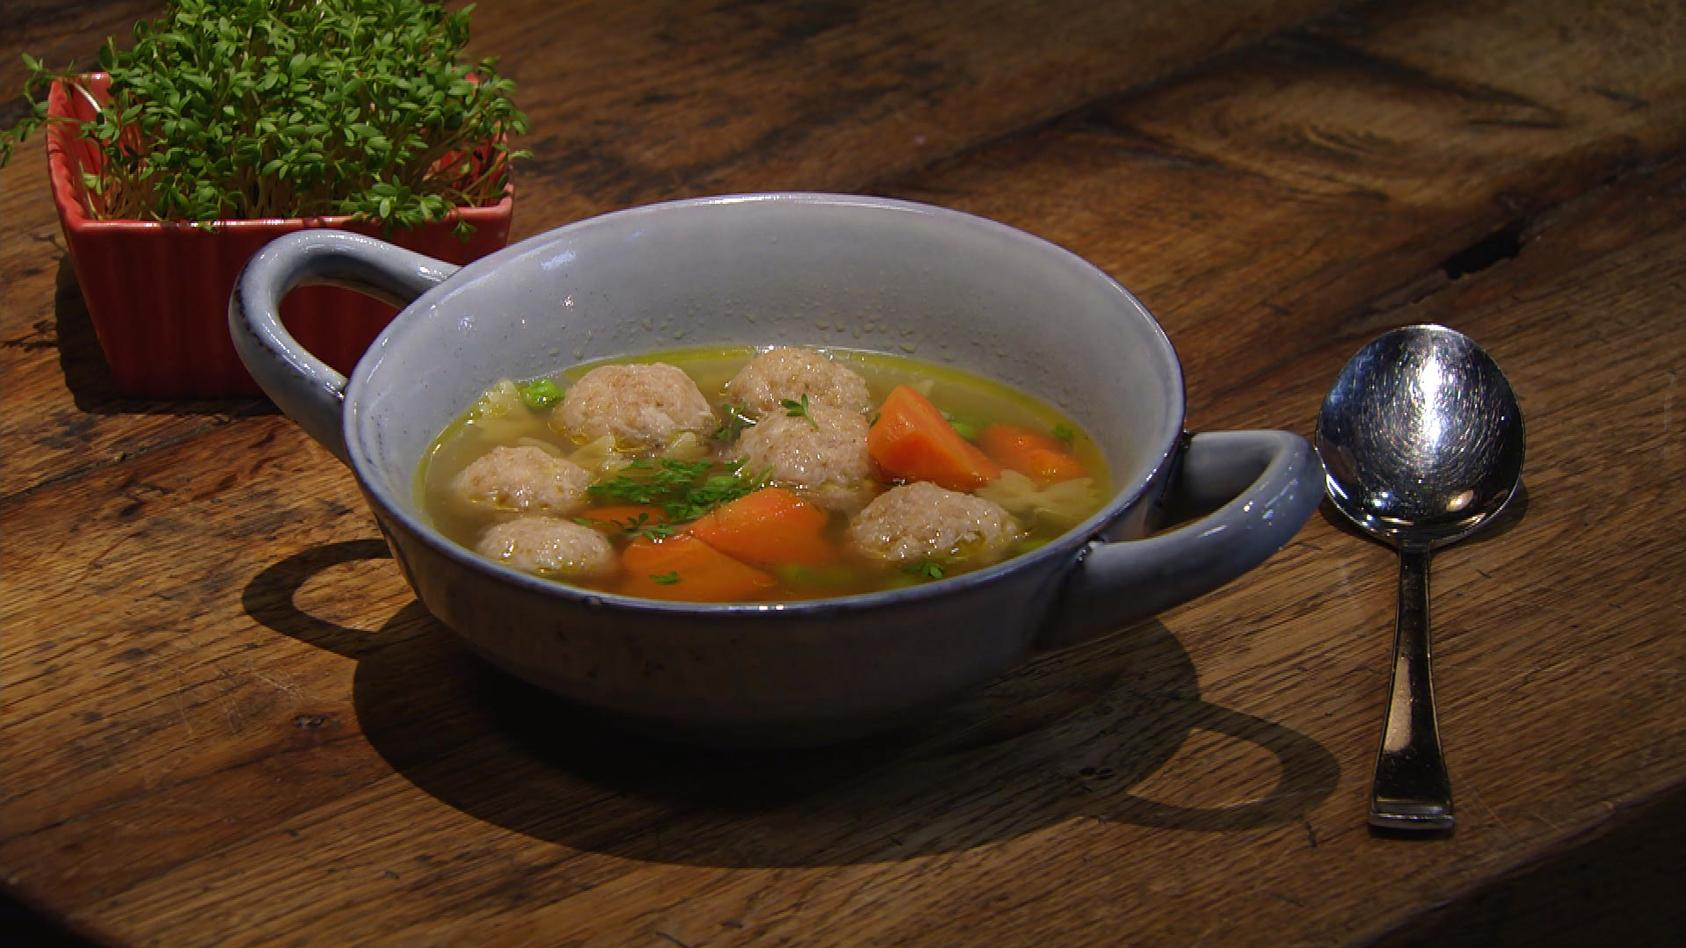 Komm, wir essen Knödel!: Nudelsuppe mit Mini-Fleischknödel